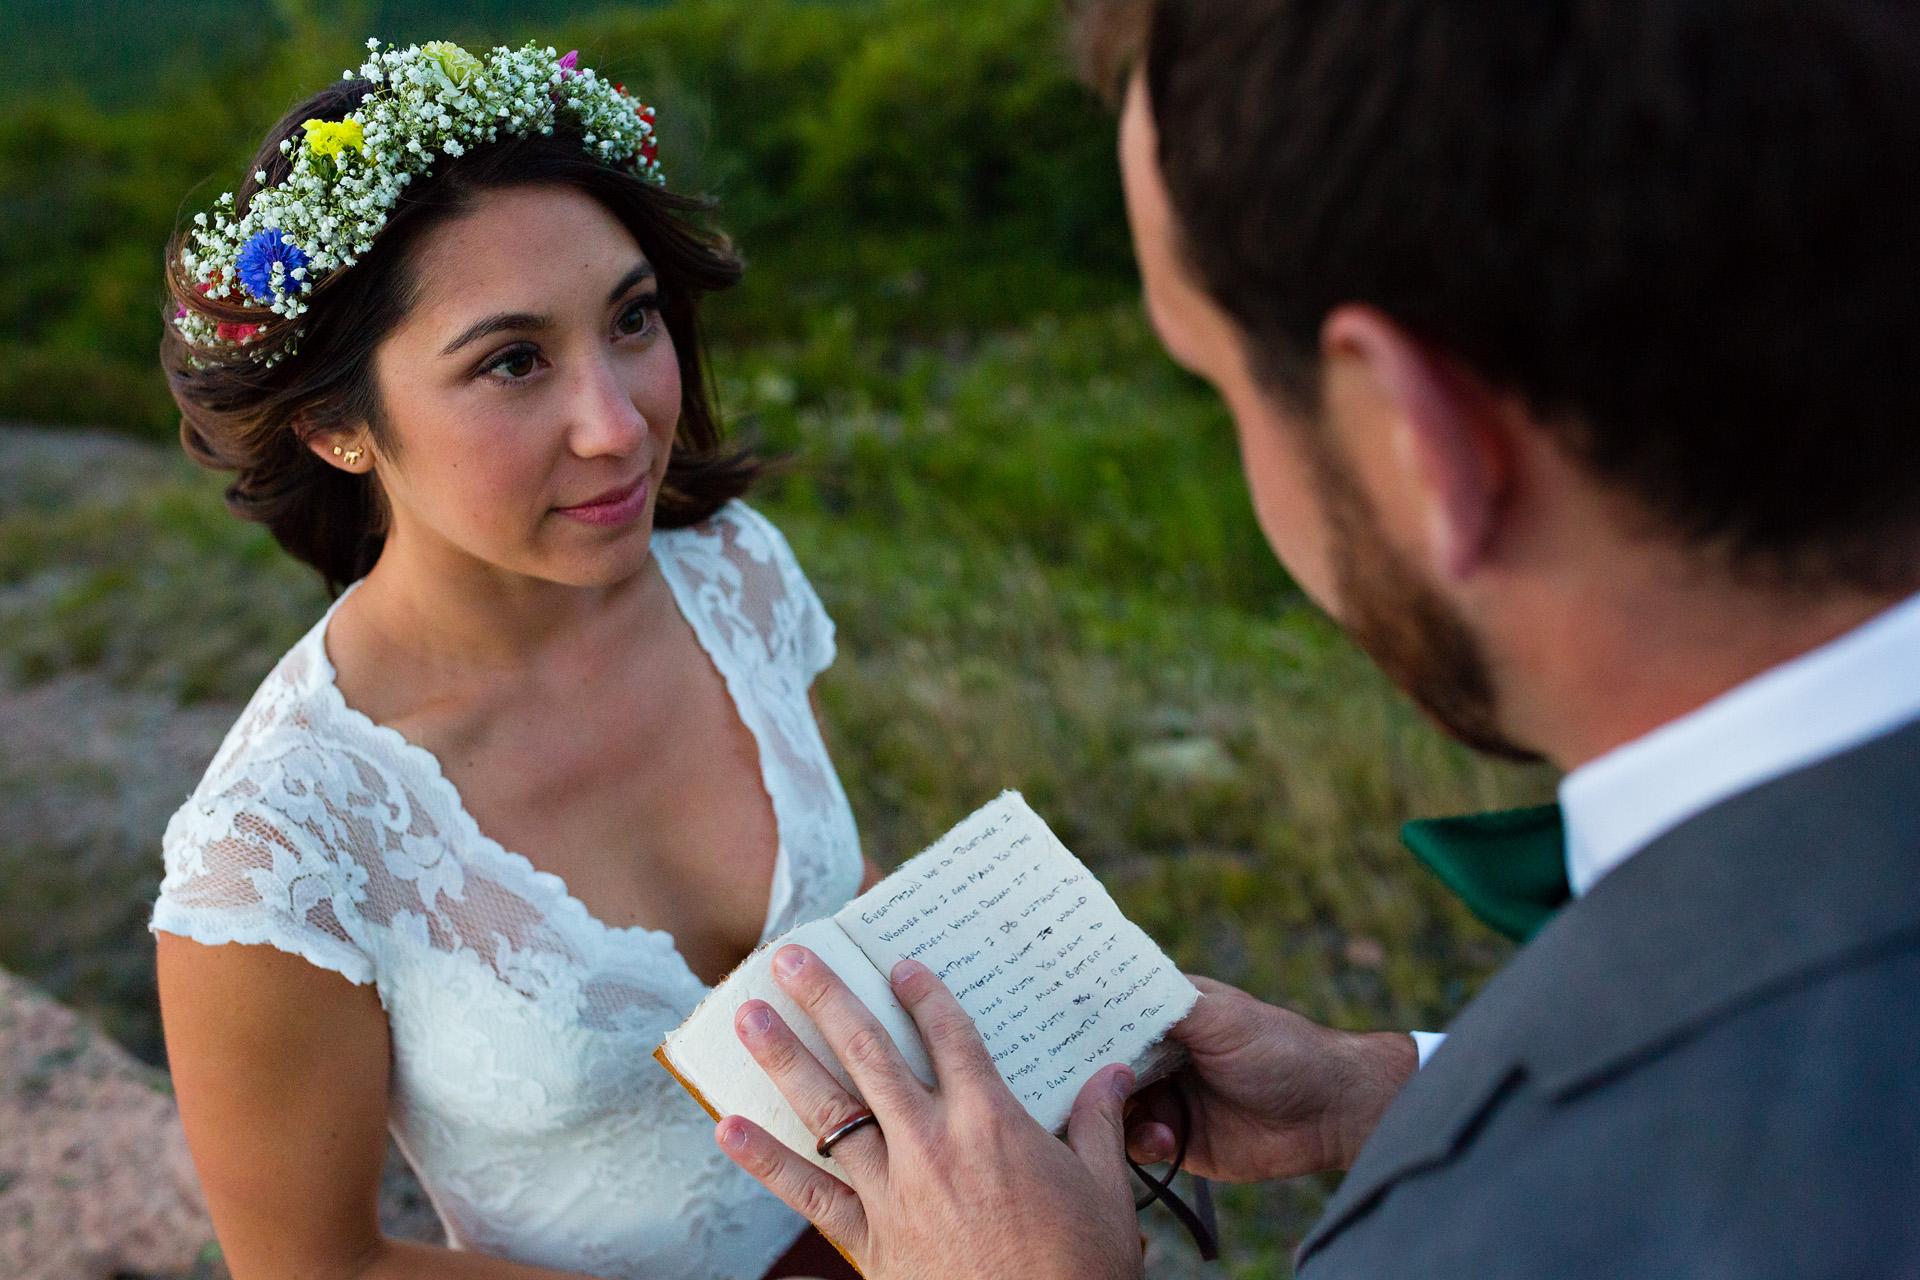 Kate Crabtree van Maine fotografeerde deze buiten bruiloft gelofte uitwisseling tussen de bruid en bruidegom